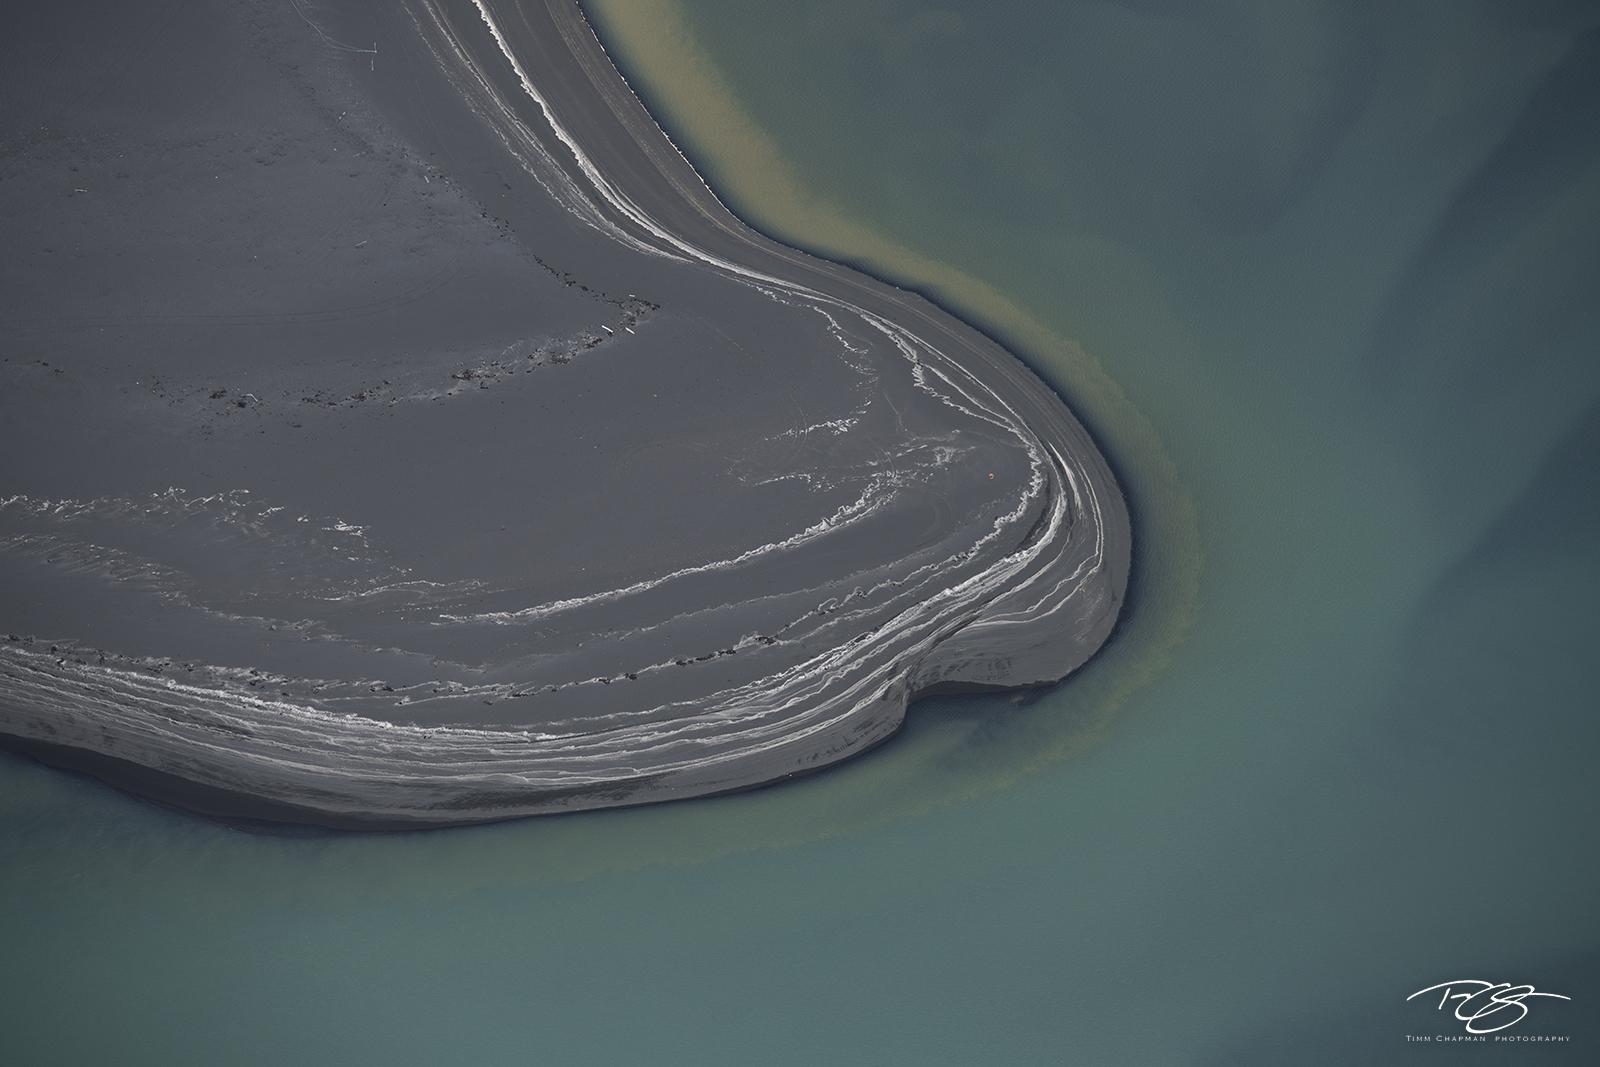 An aerial abstract photograph of Iceland's colourful Þjórsá  River